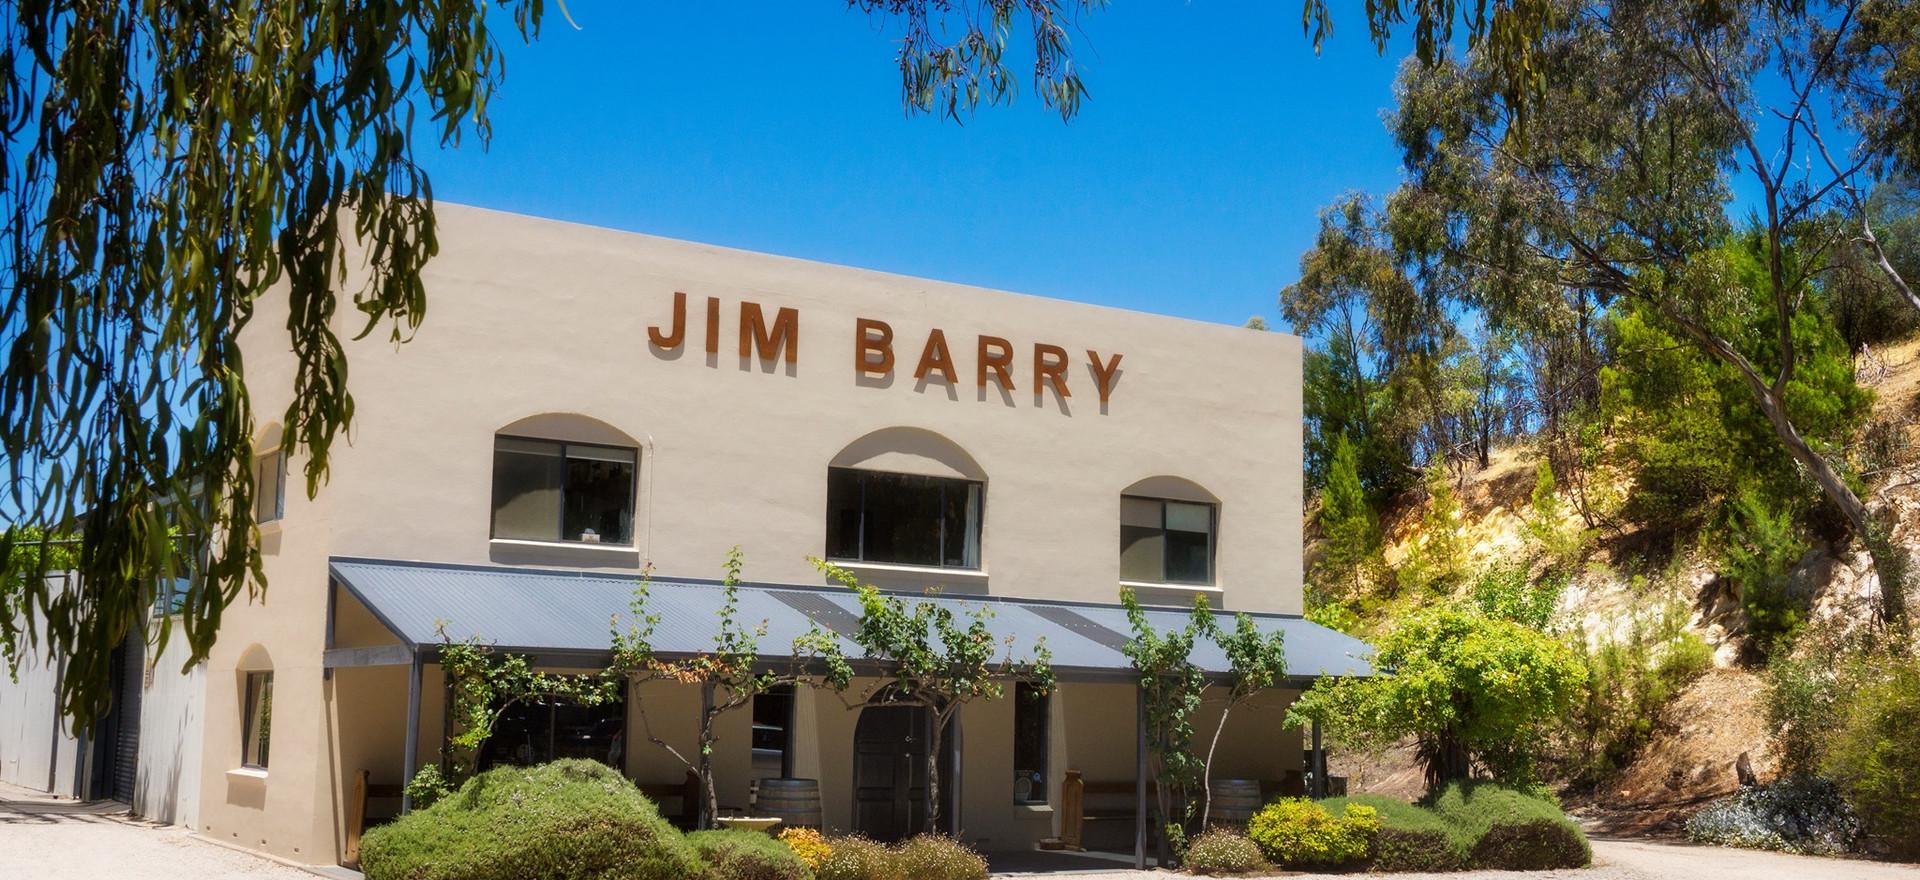 Jim Barry cellar door